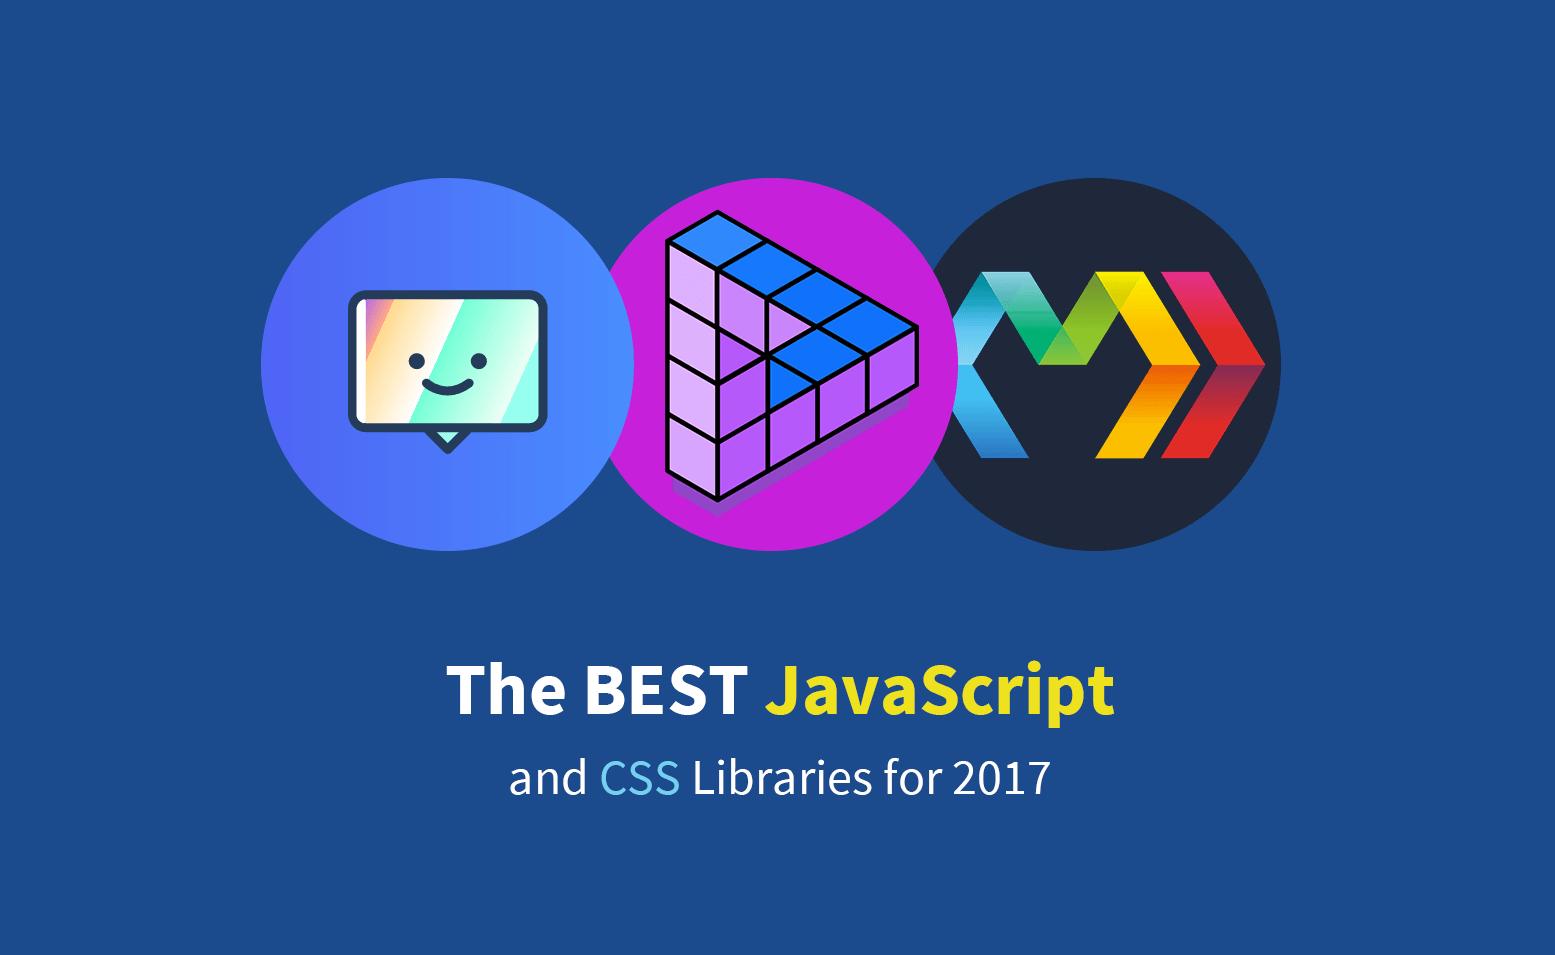 بهترین کتابخانه های Javascript و CSS در سال 2017